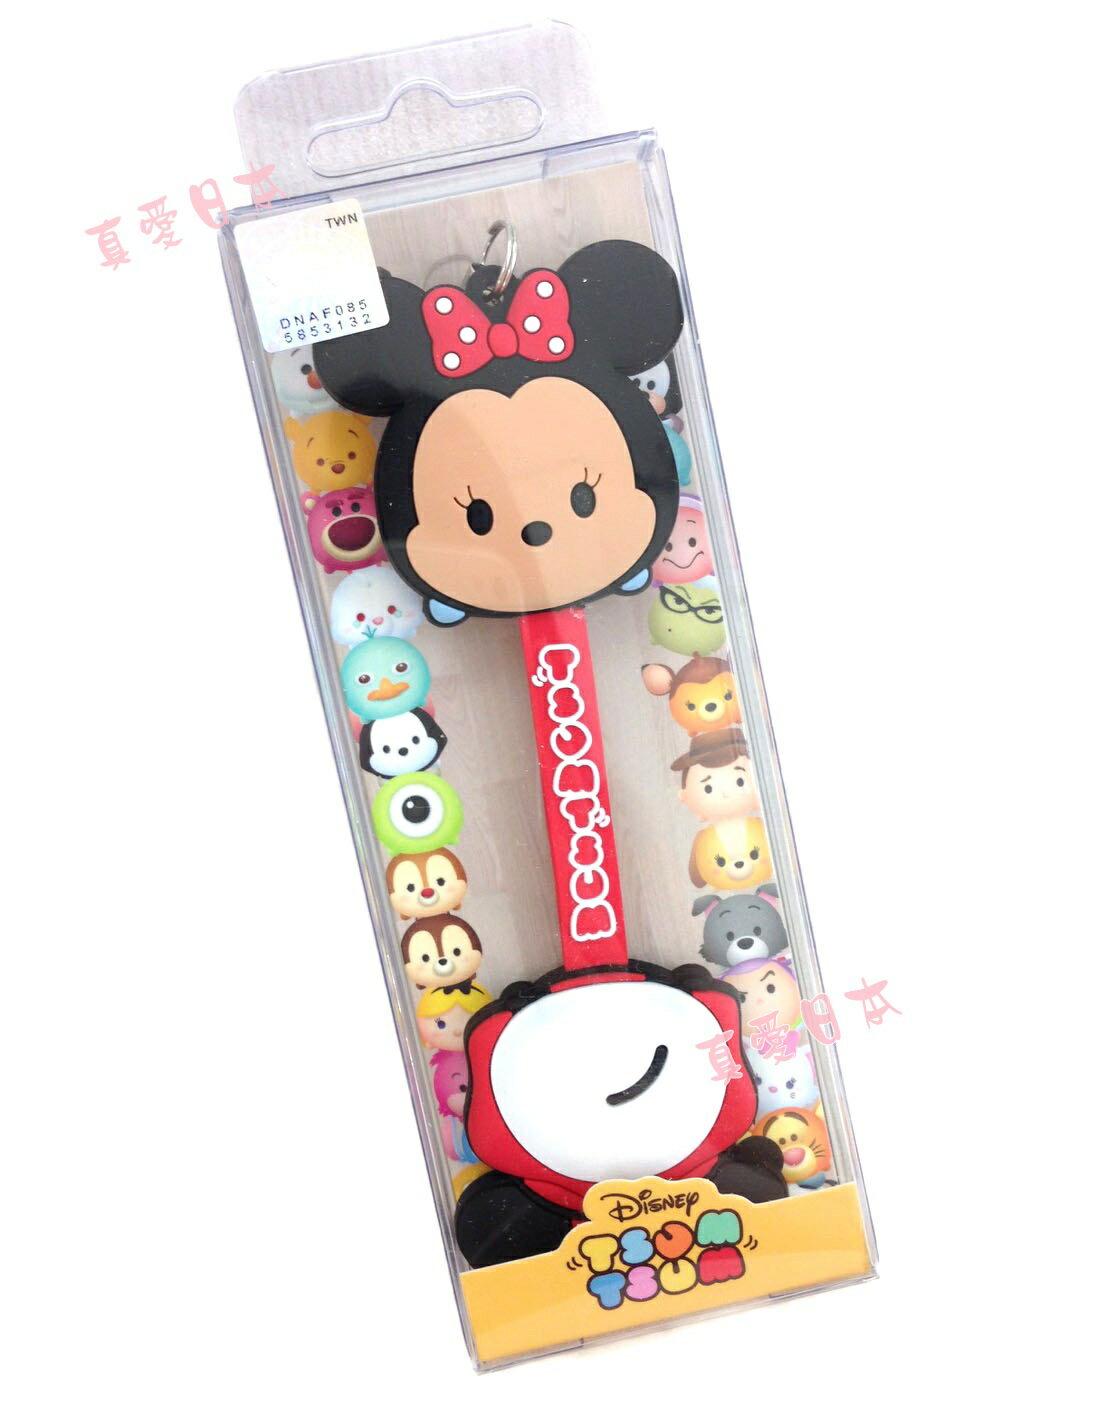 【真愛日本】16072200004吊飾捲線器--米妮  迪士尼 米老鼠米奇 米妮  耳機集線器 收線器 正品